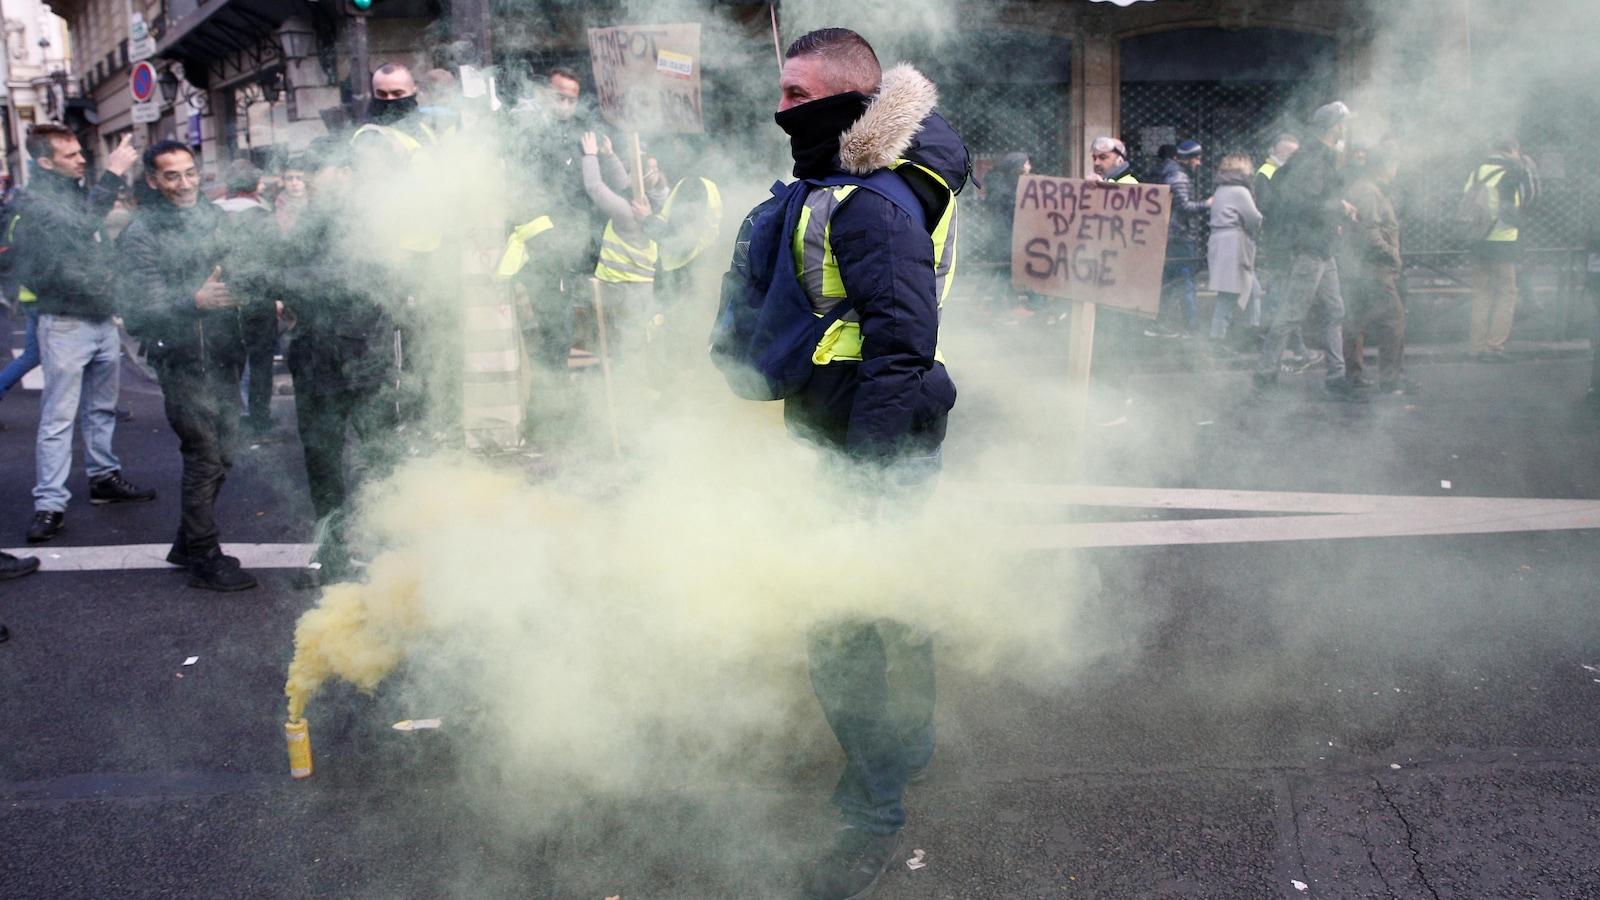 Un manifestant en gilet jaune dans une nuage de fumigène.